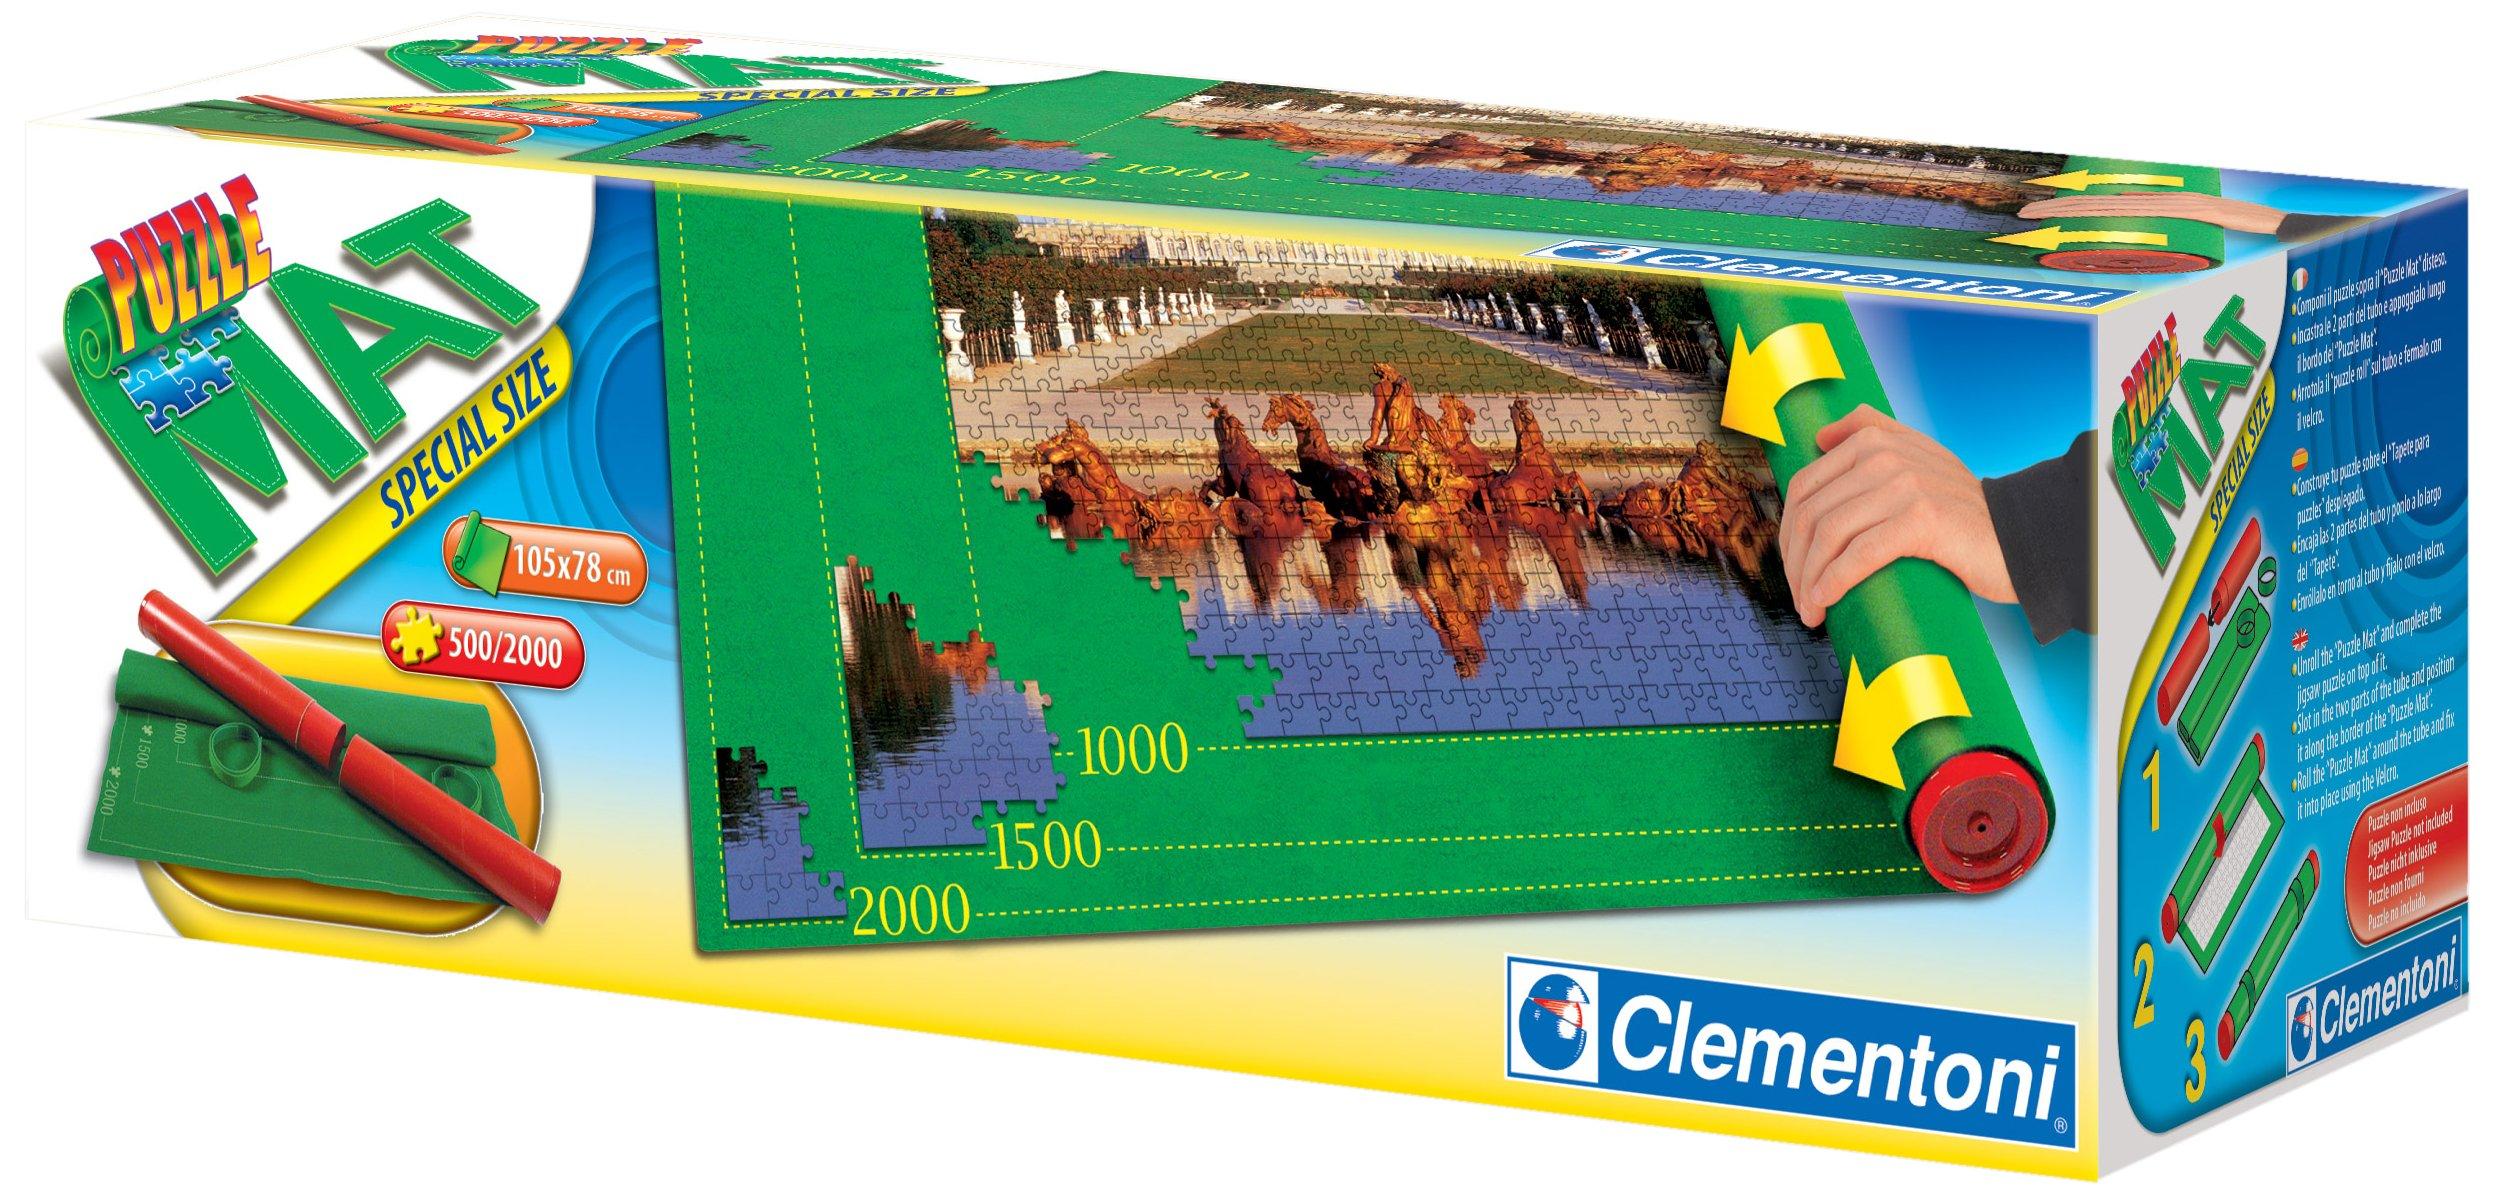 Clementoni- Puzzle Mat Tapete Especial para Montar puzles, Color Verde, 43.2 x 40.1 x 13.5 (30297): Amazon.es: Juguetes y juegos